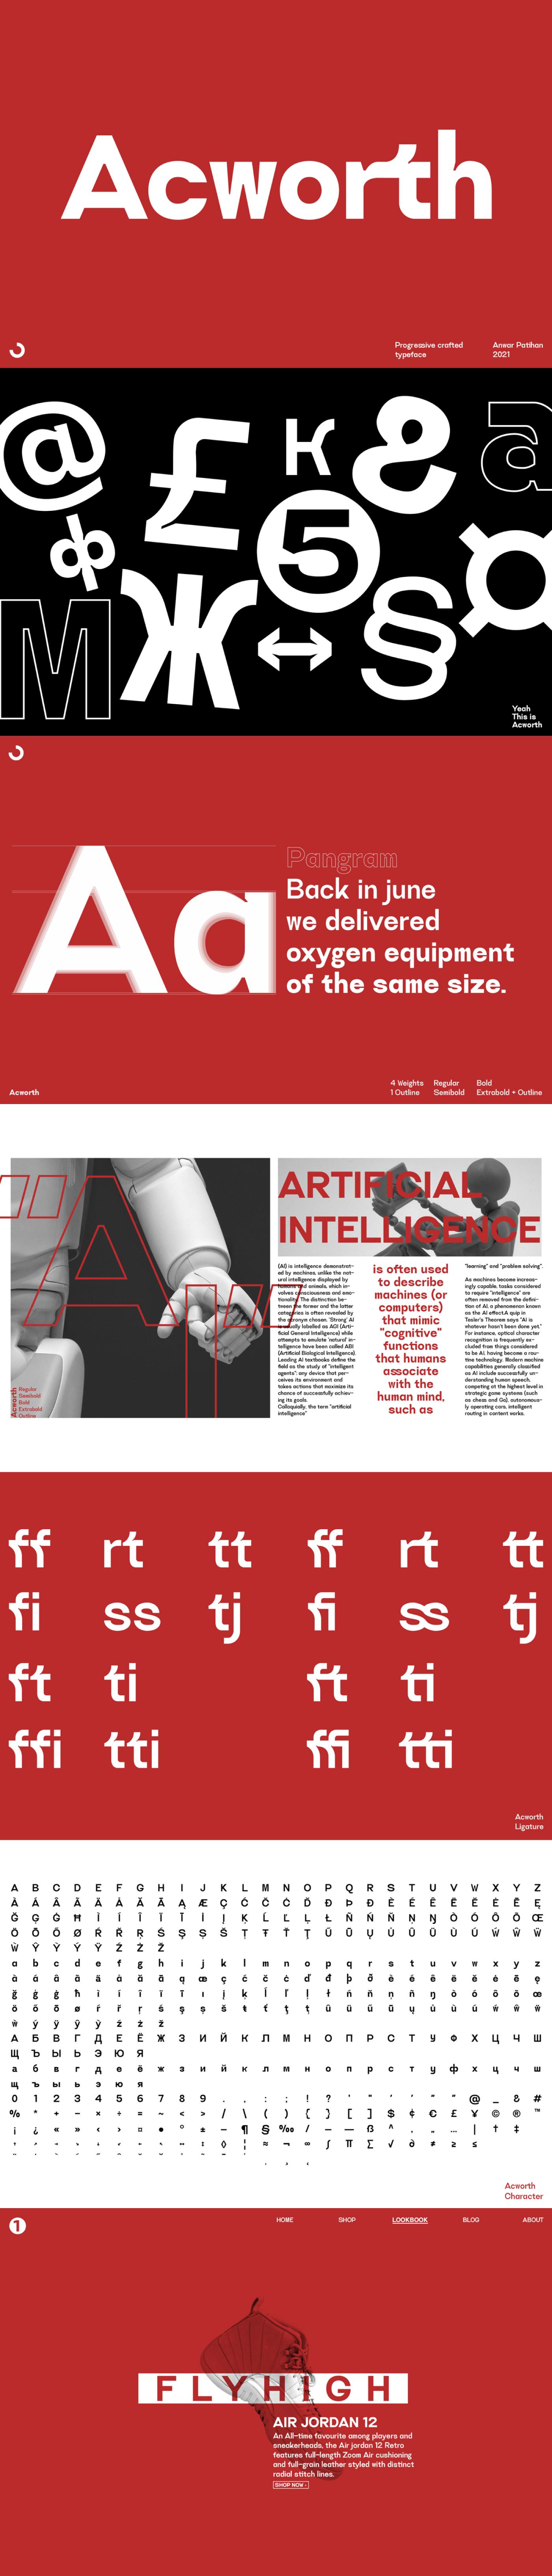 font free Free font freebie logo poster sans serif serif type Typeface